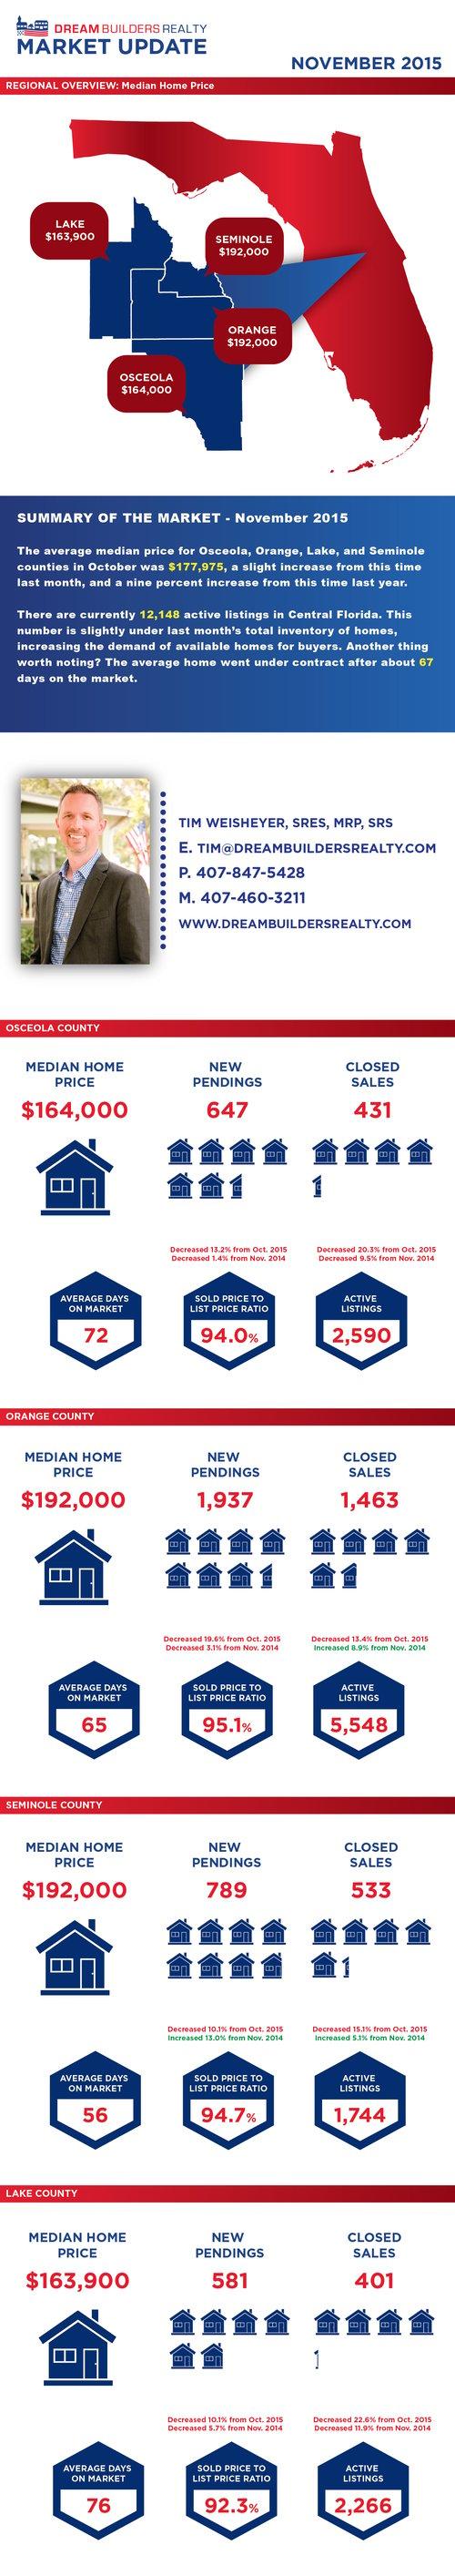 Central Florida real estate market update November 2015